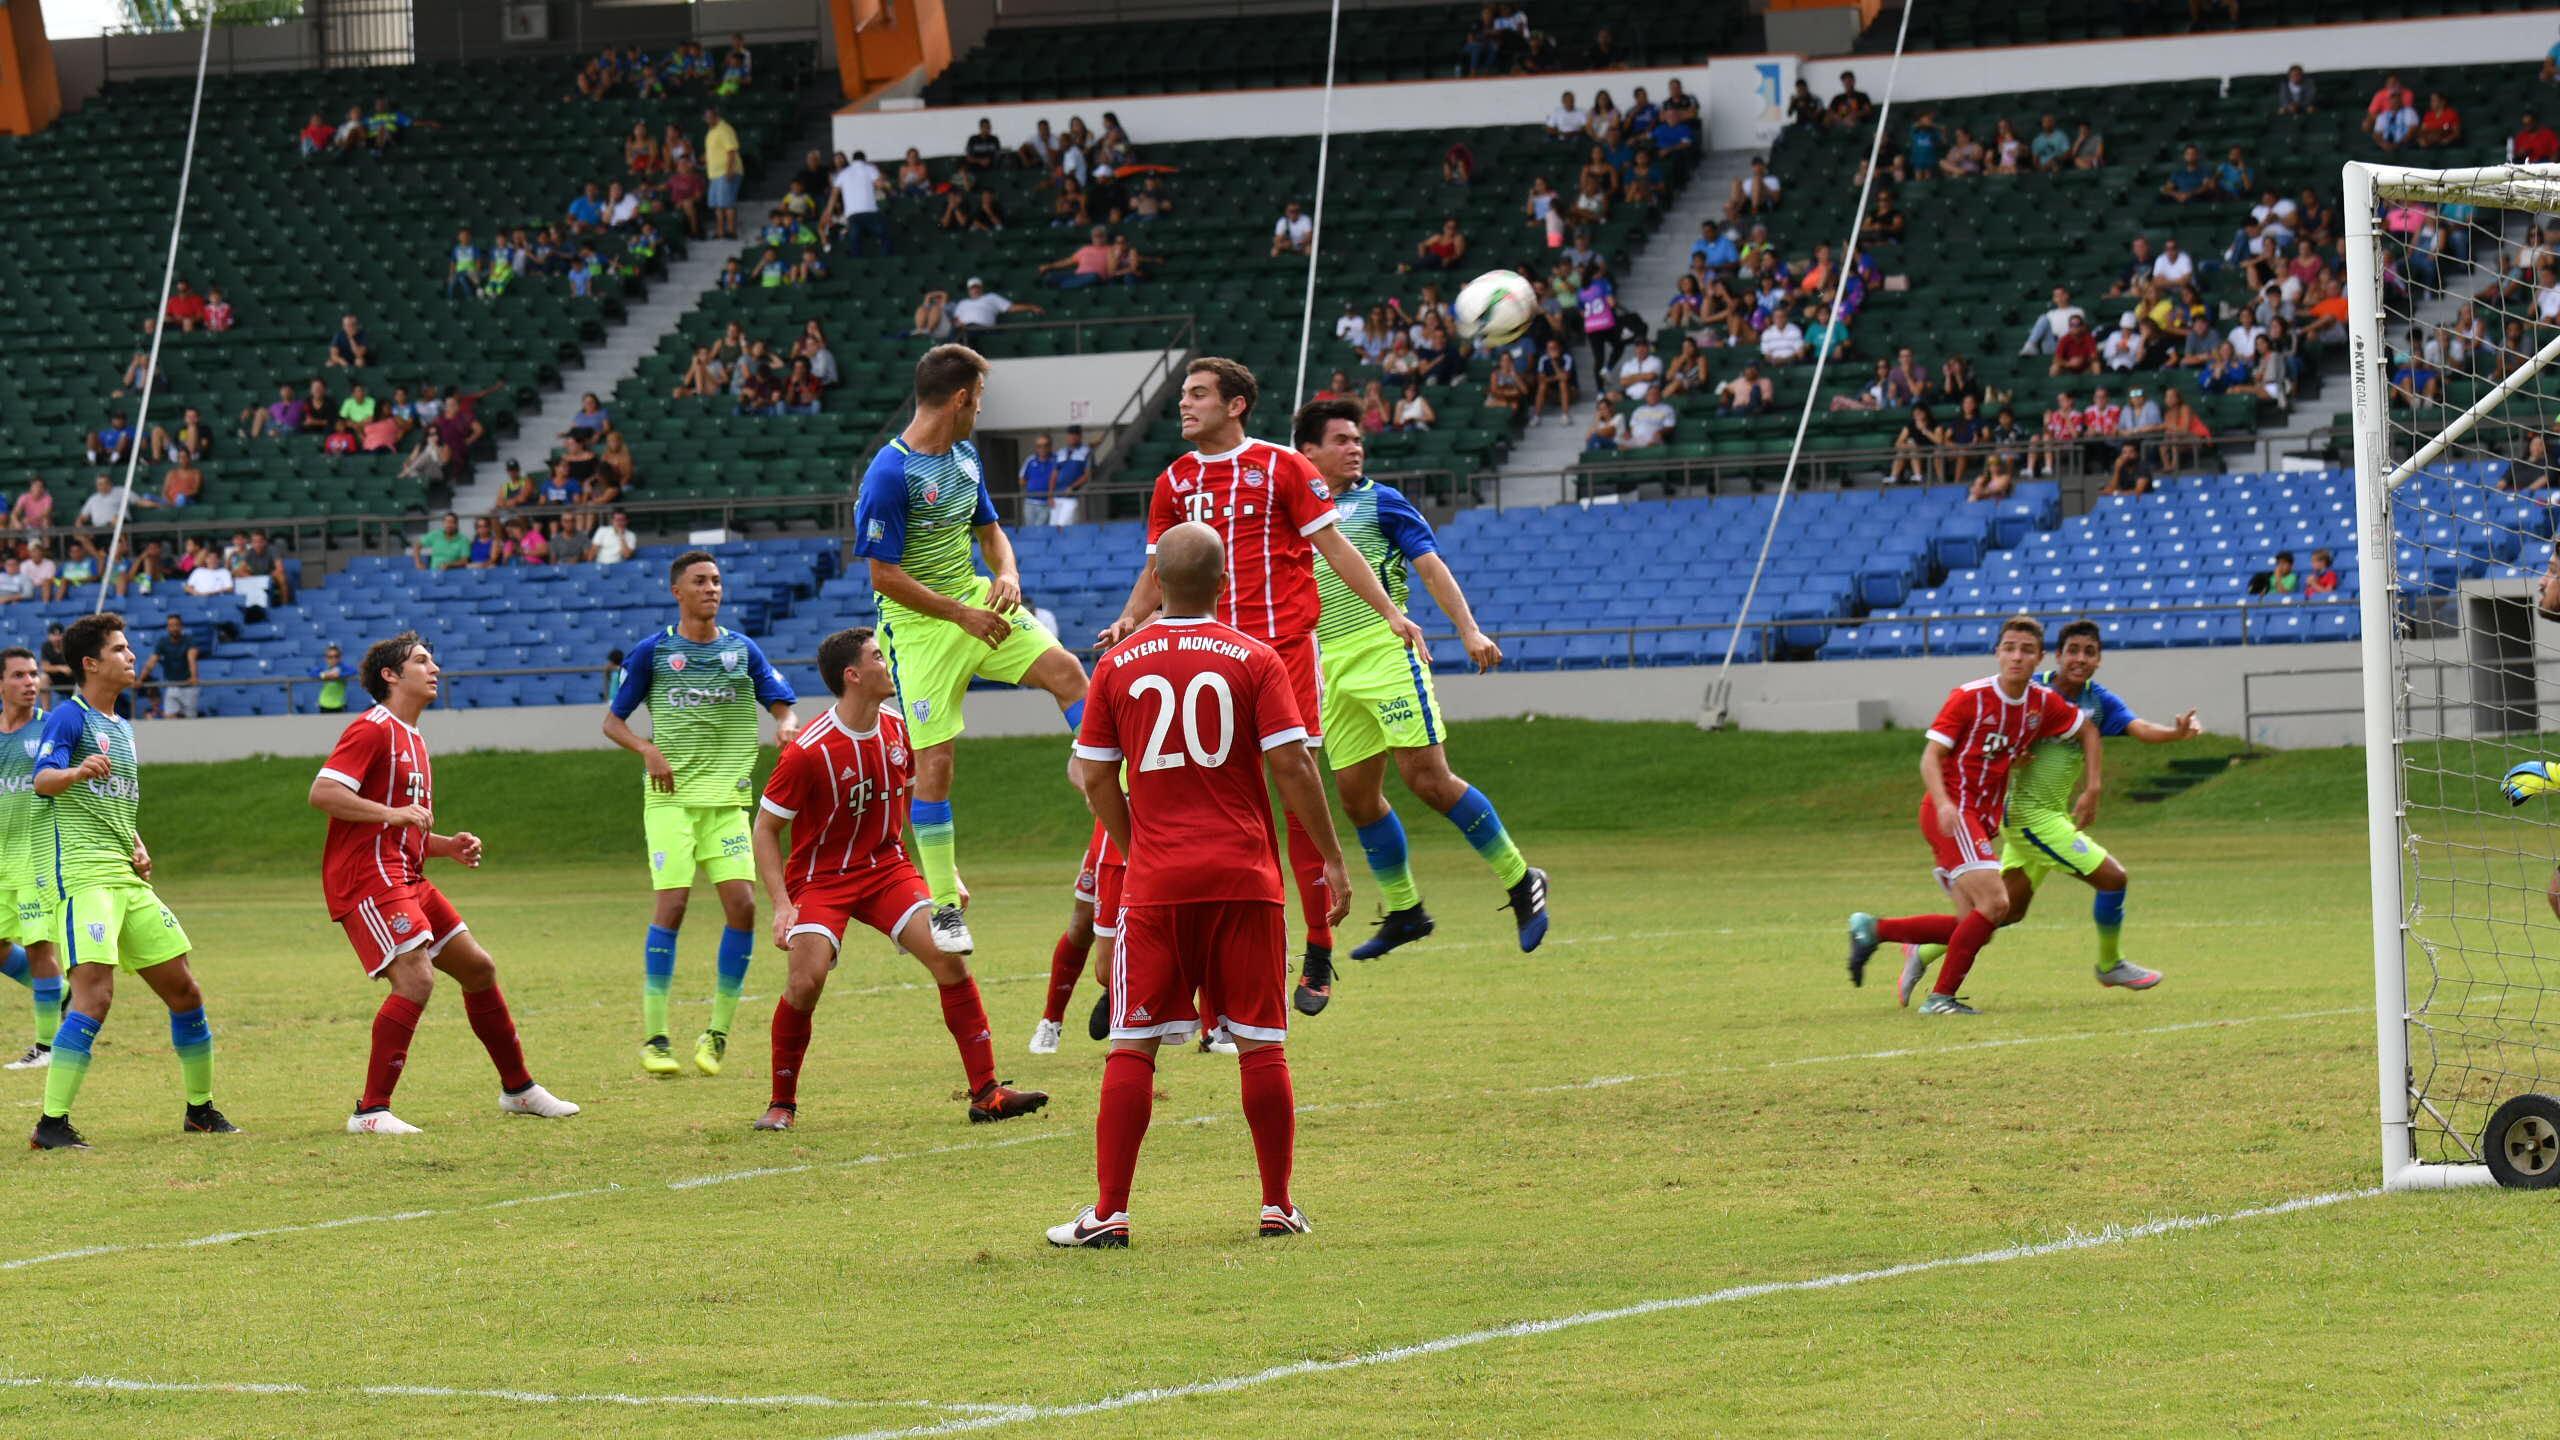 Bayamon Futbol